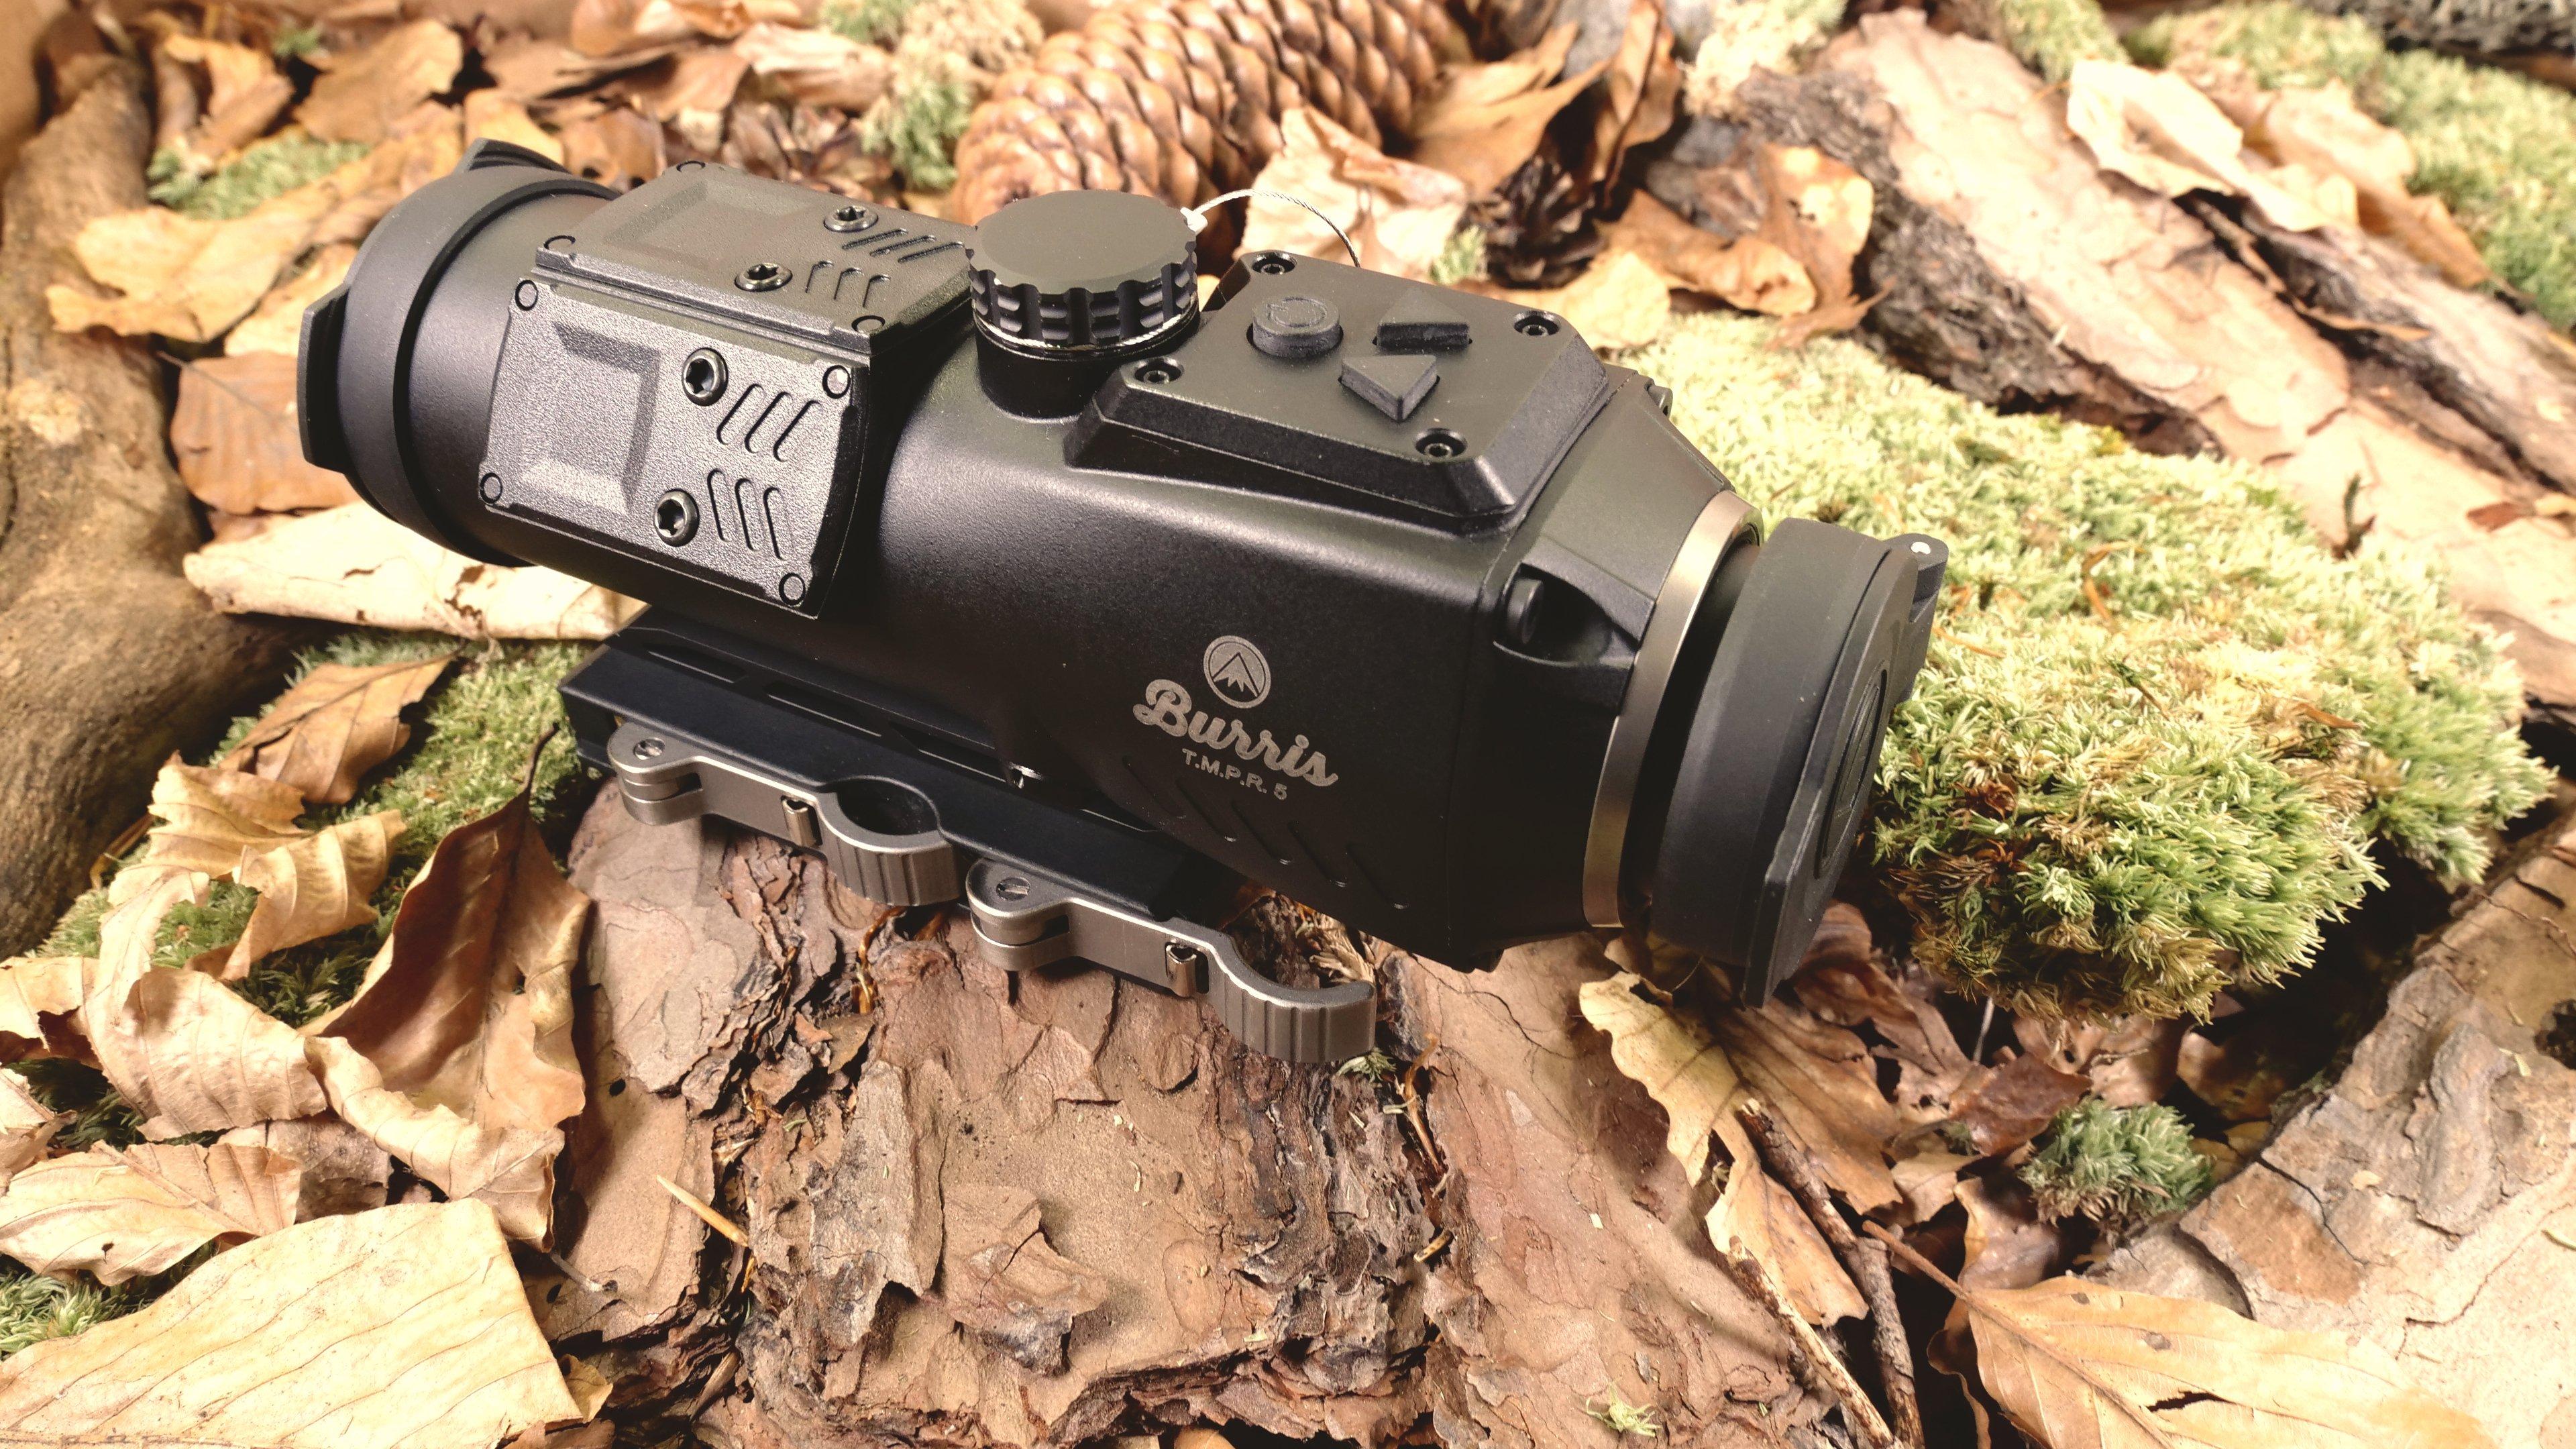 Burris prism scope